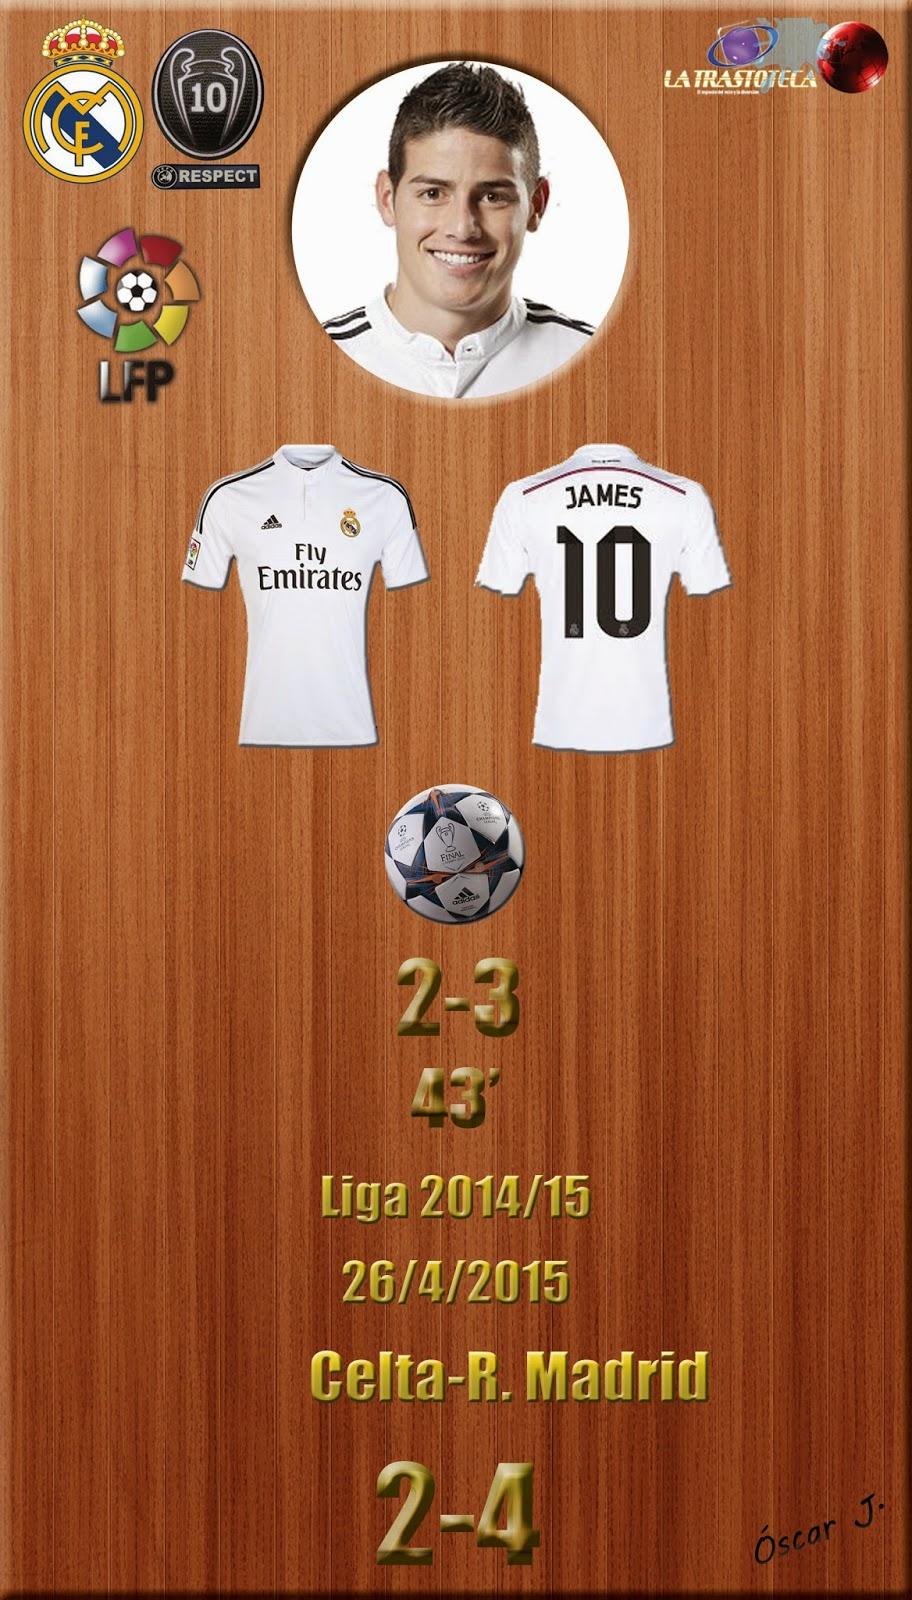 James Rodríguez (2-3) - Celta 2-4 Real Madrid - Liga 2014/15 - Jornada 33 - (26/4/2015)